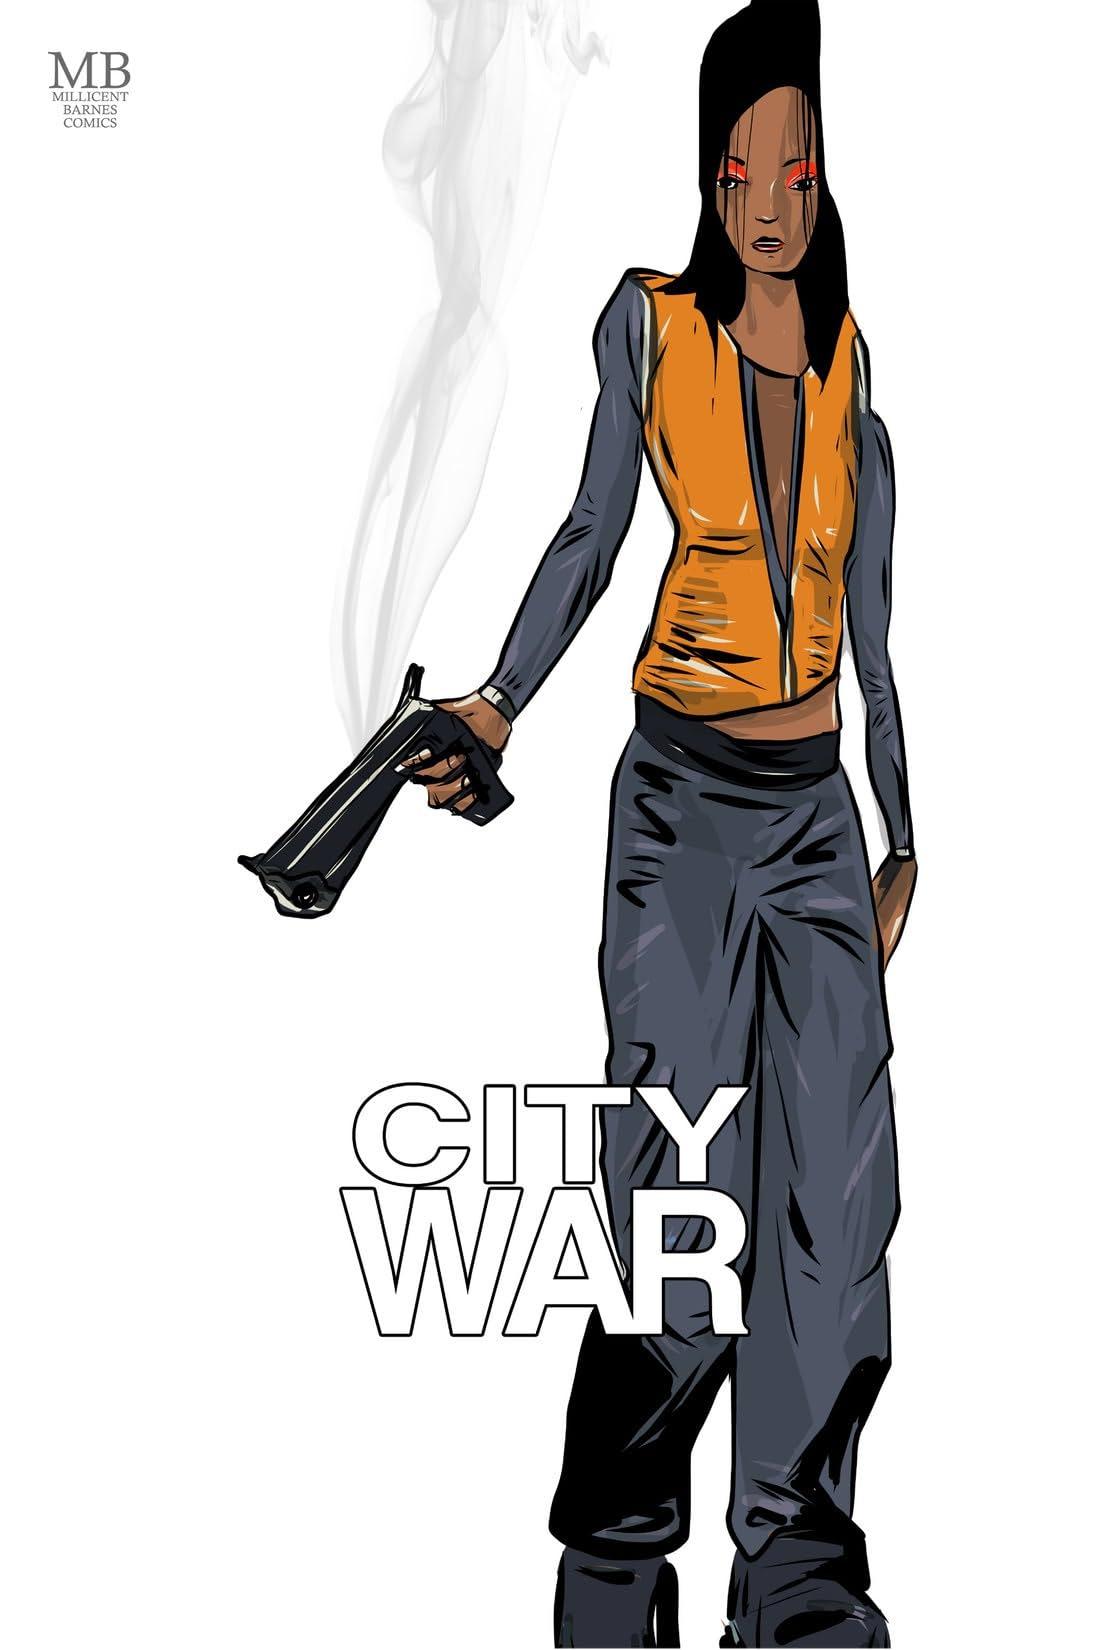 City War #6